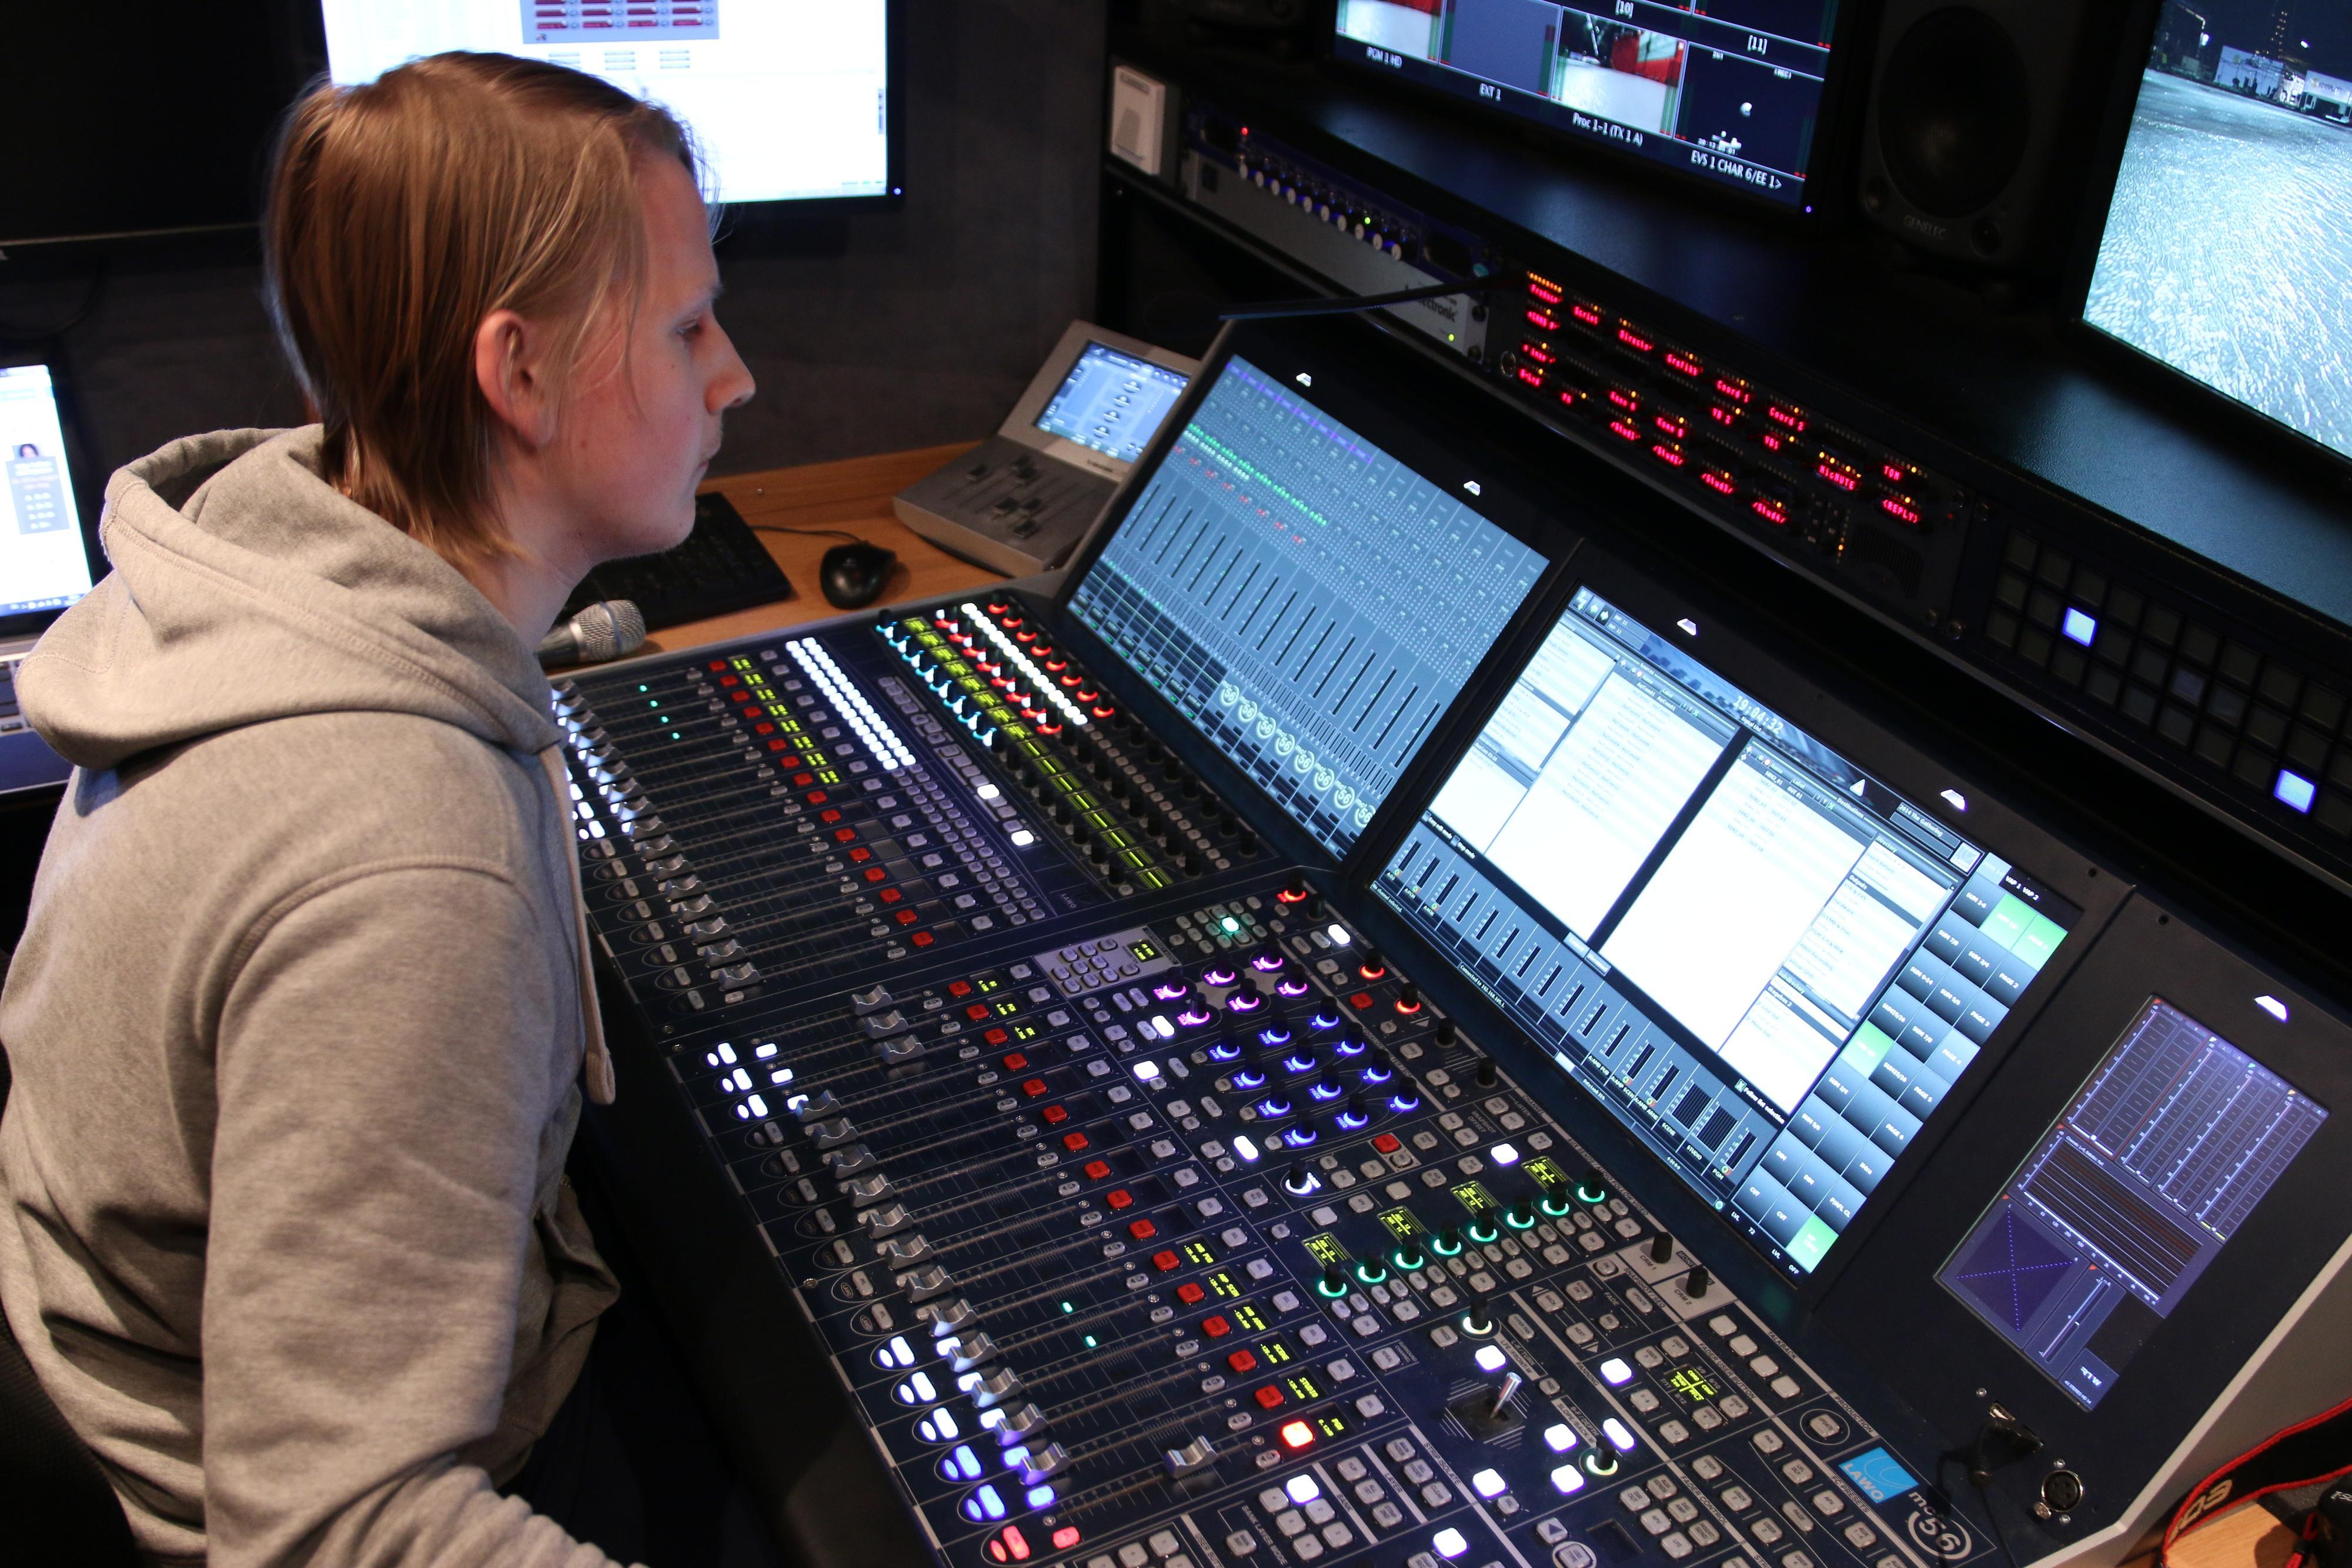 Det gjelder å ha tunga rett i munnen når man skal ha kontroll over lyden. .Foto: Ole Henrik Johansen / Hardware.no